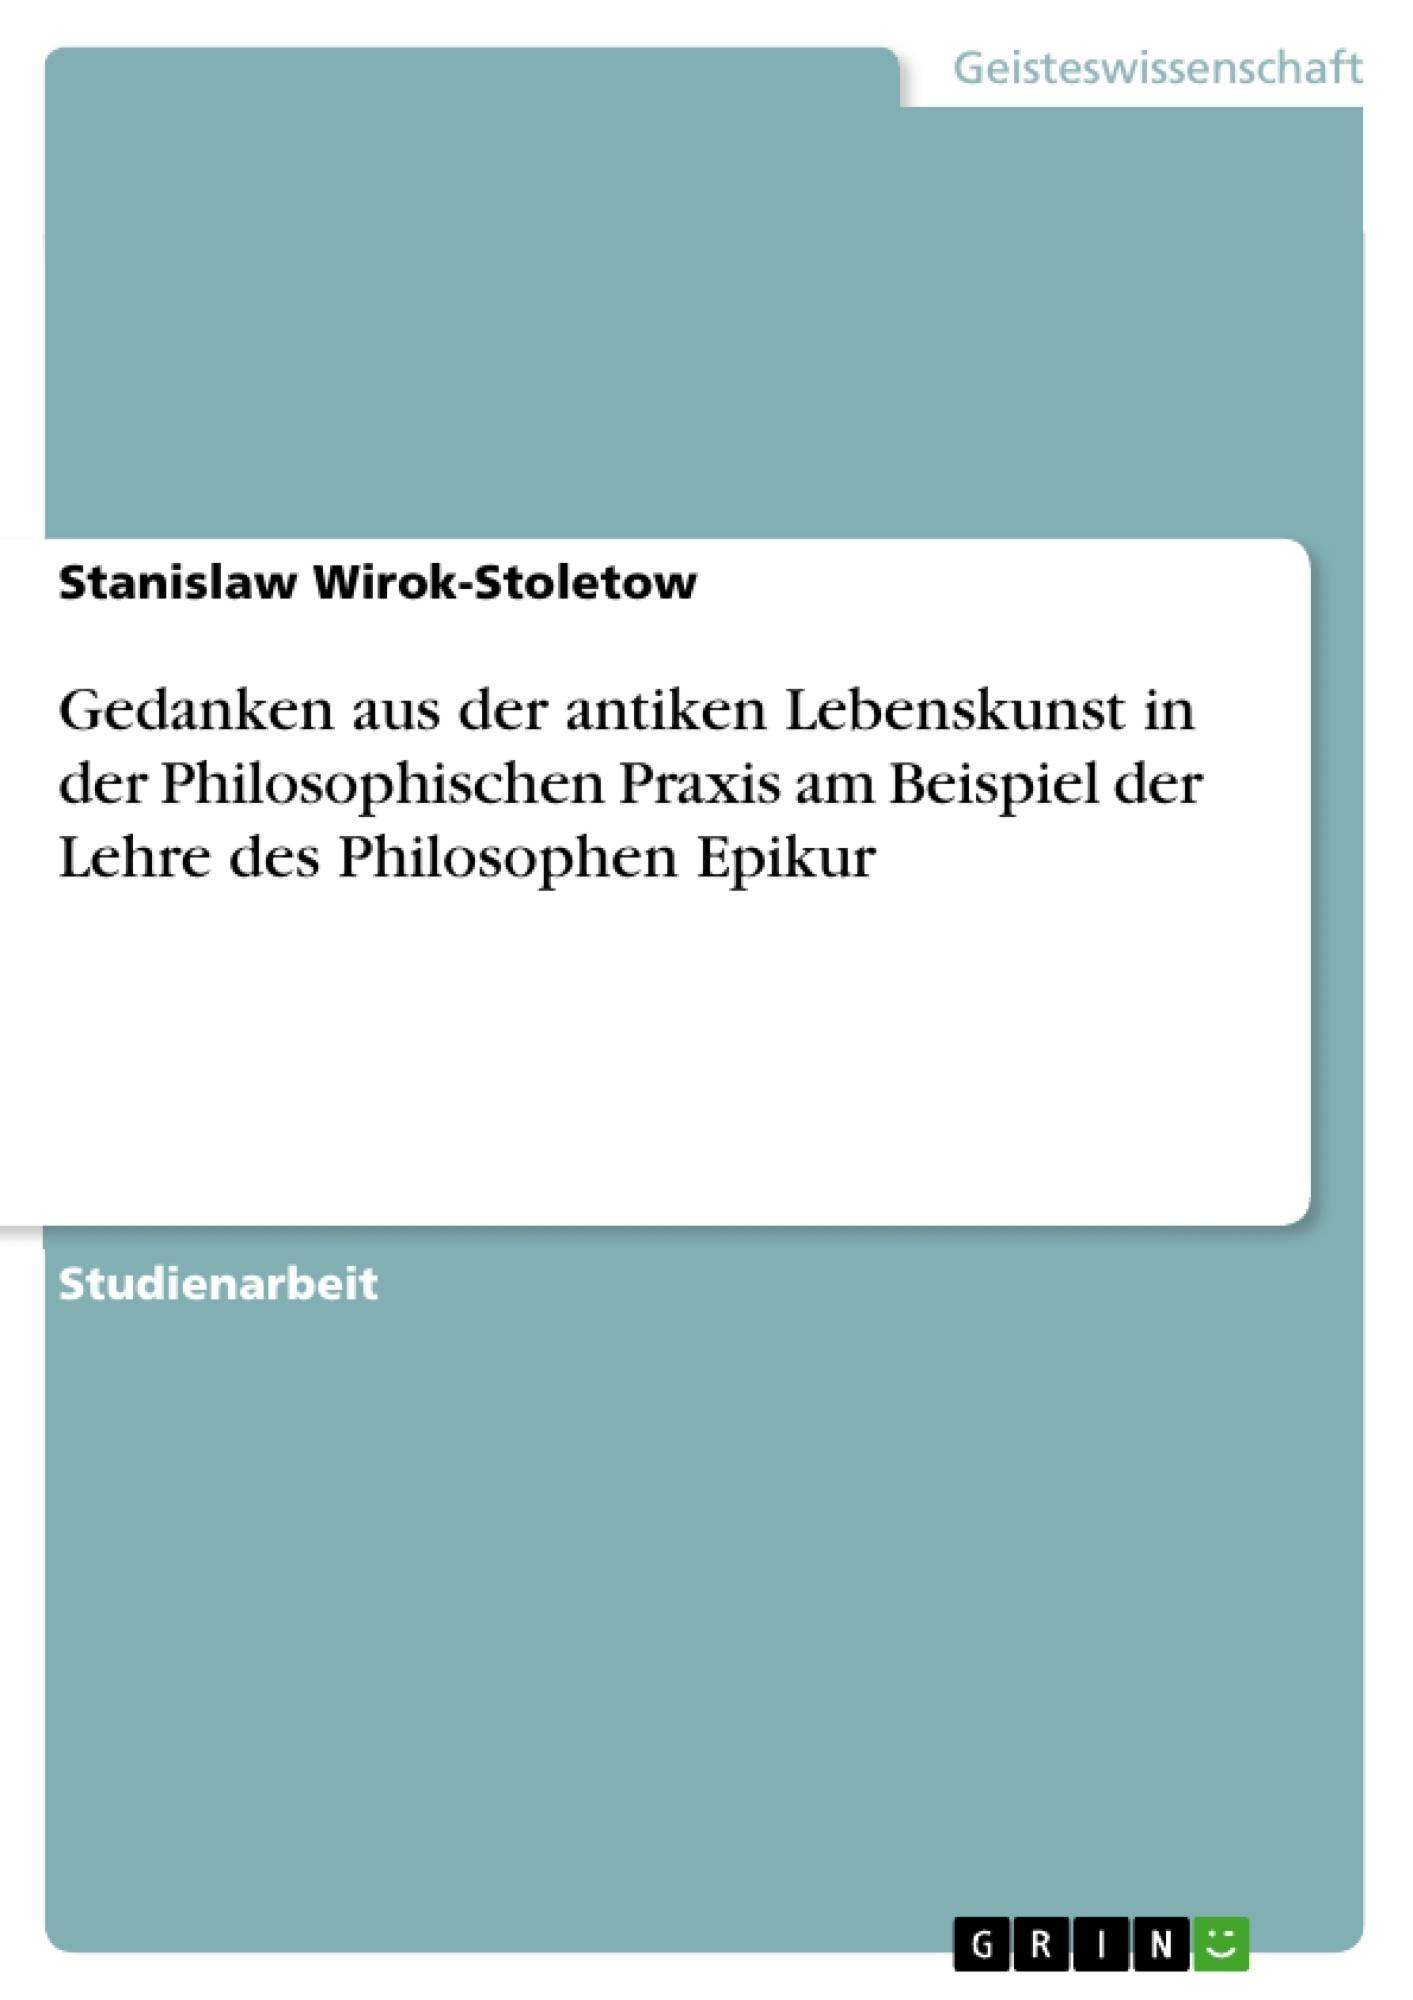 Titel: Gedanken aus der antiken Lebenskunst in der Philosophischen Praxis am Beispiel der Lehre des Philosophen Epikur